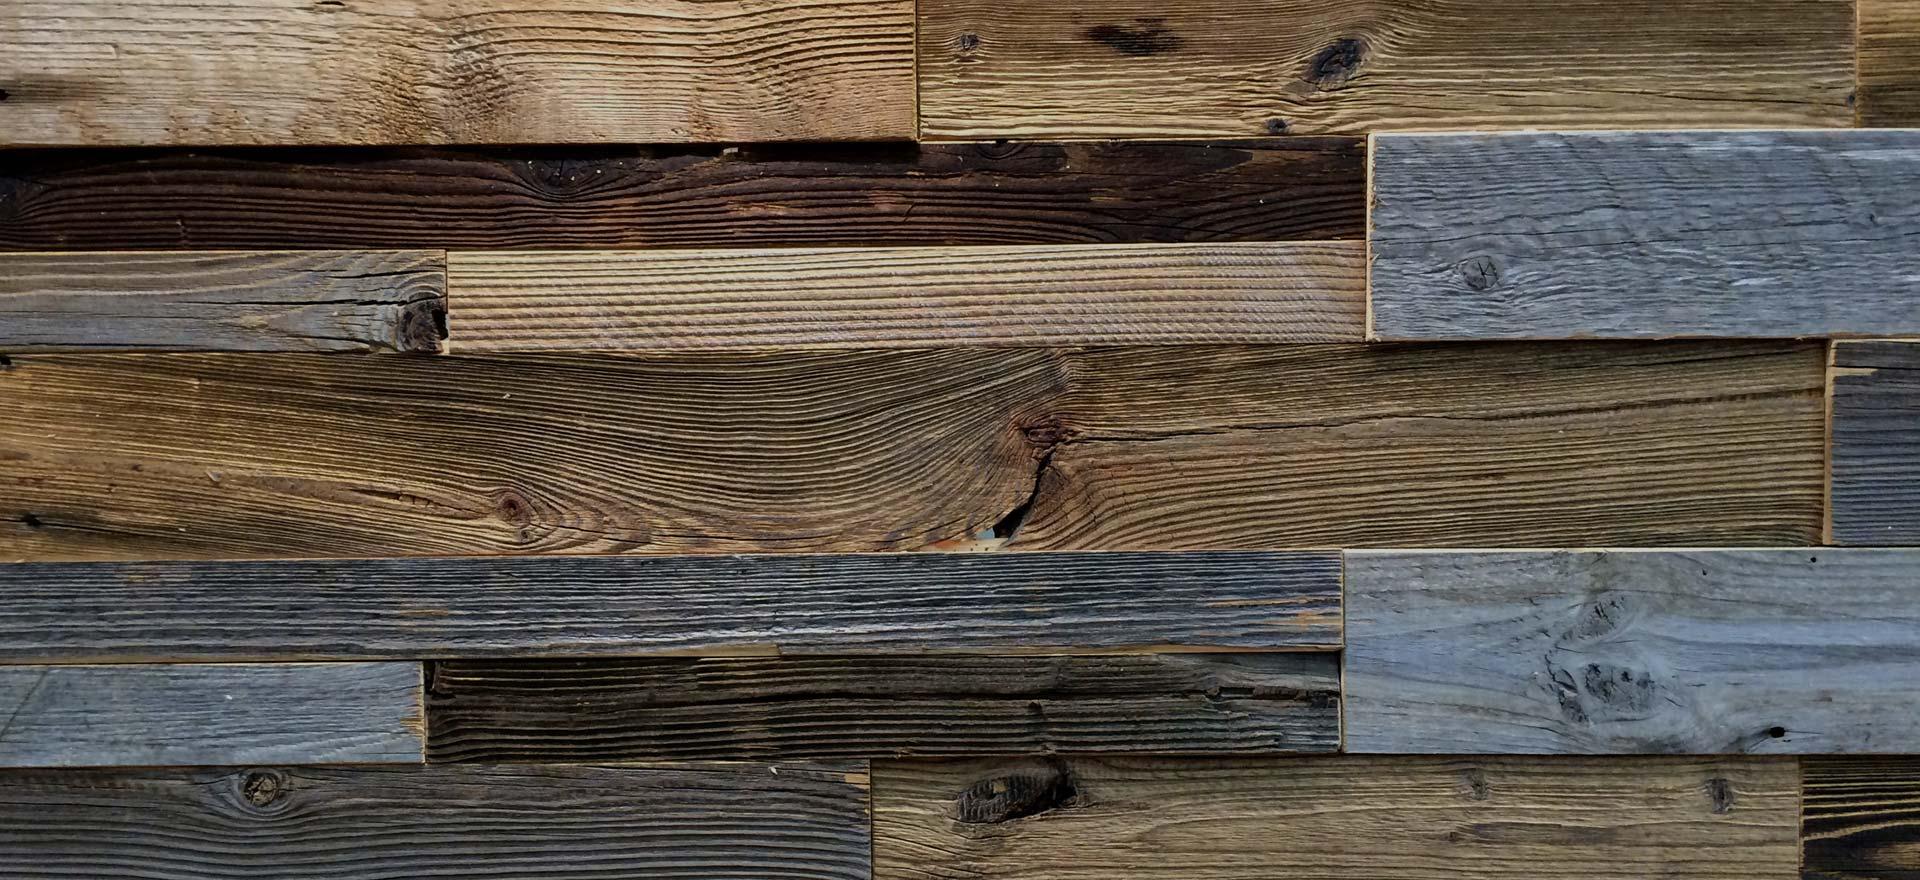 Wandverkleidung altholz wandgestaltung holz waidelich - Wandpaneele altholz ...